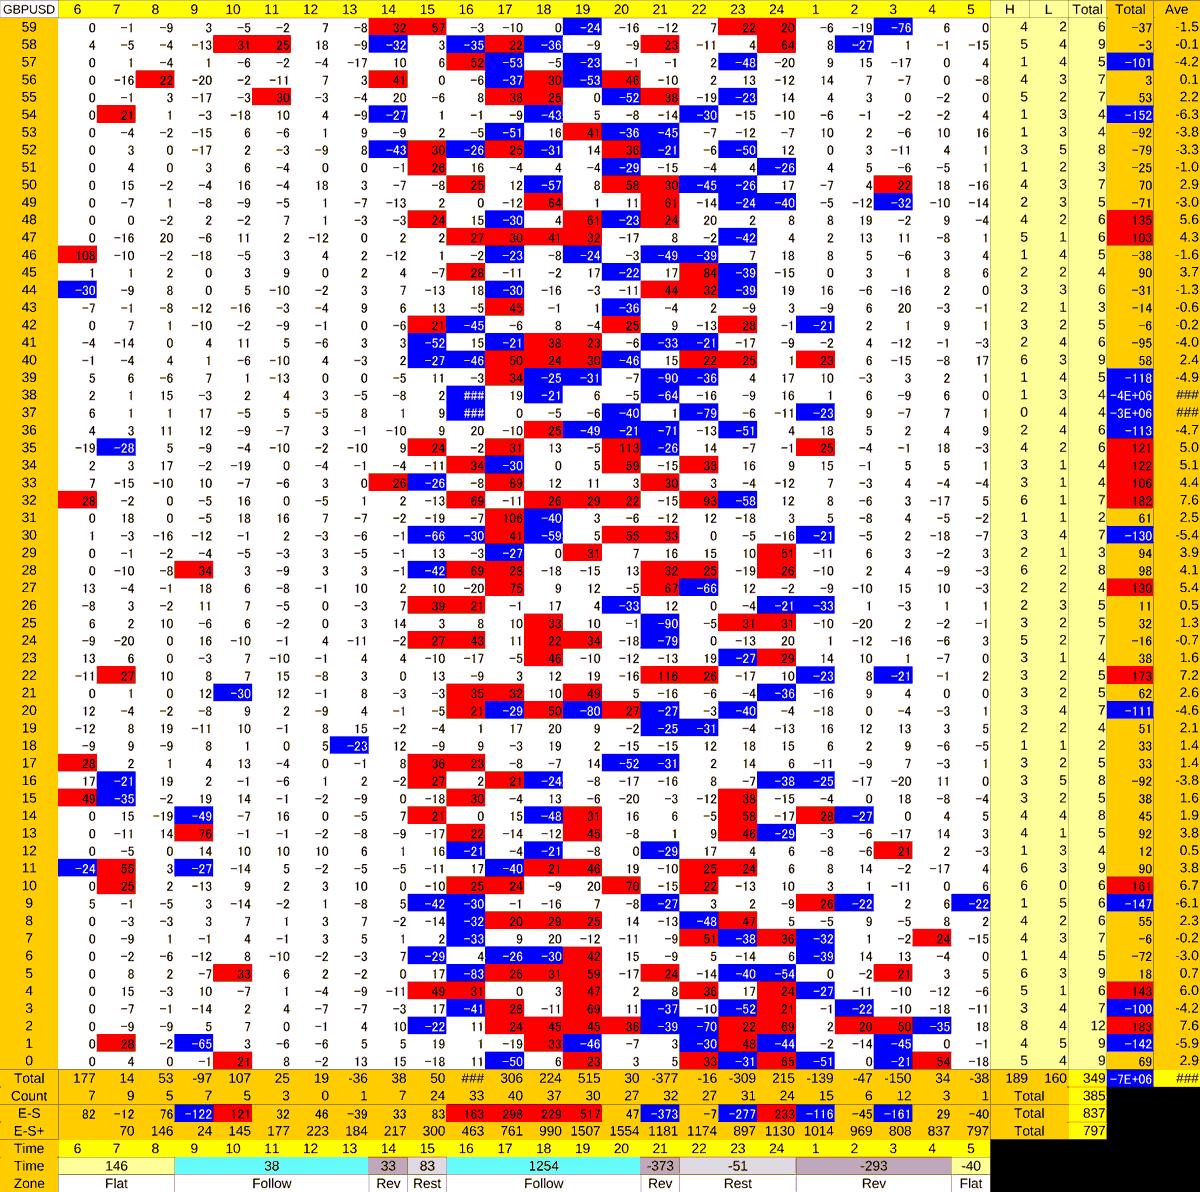 20200928_HS(2)GBPUSD